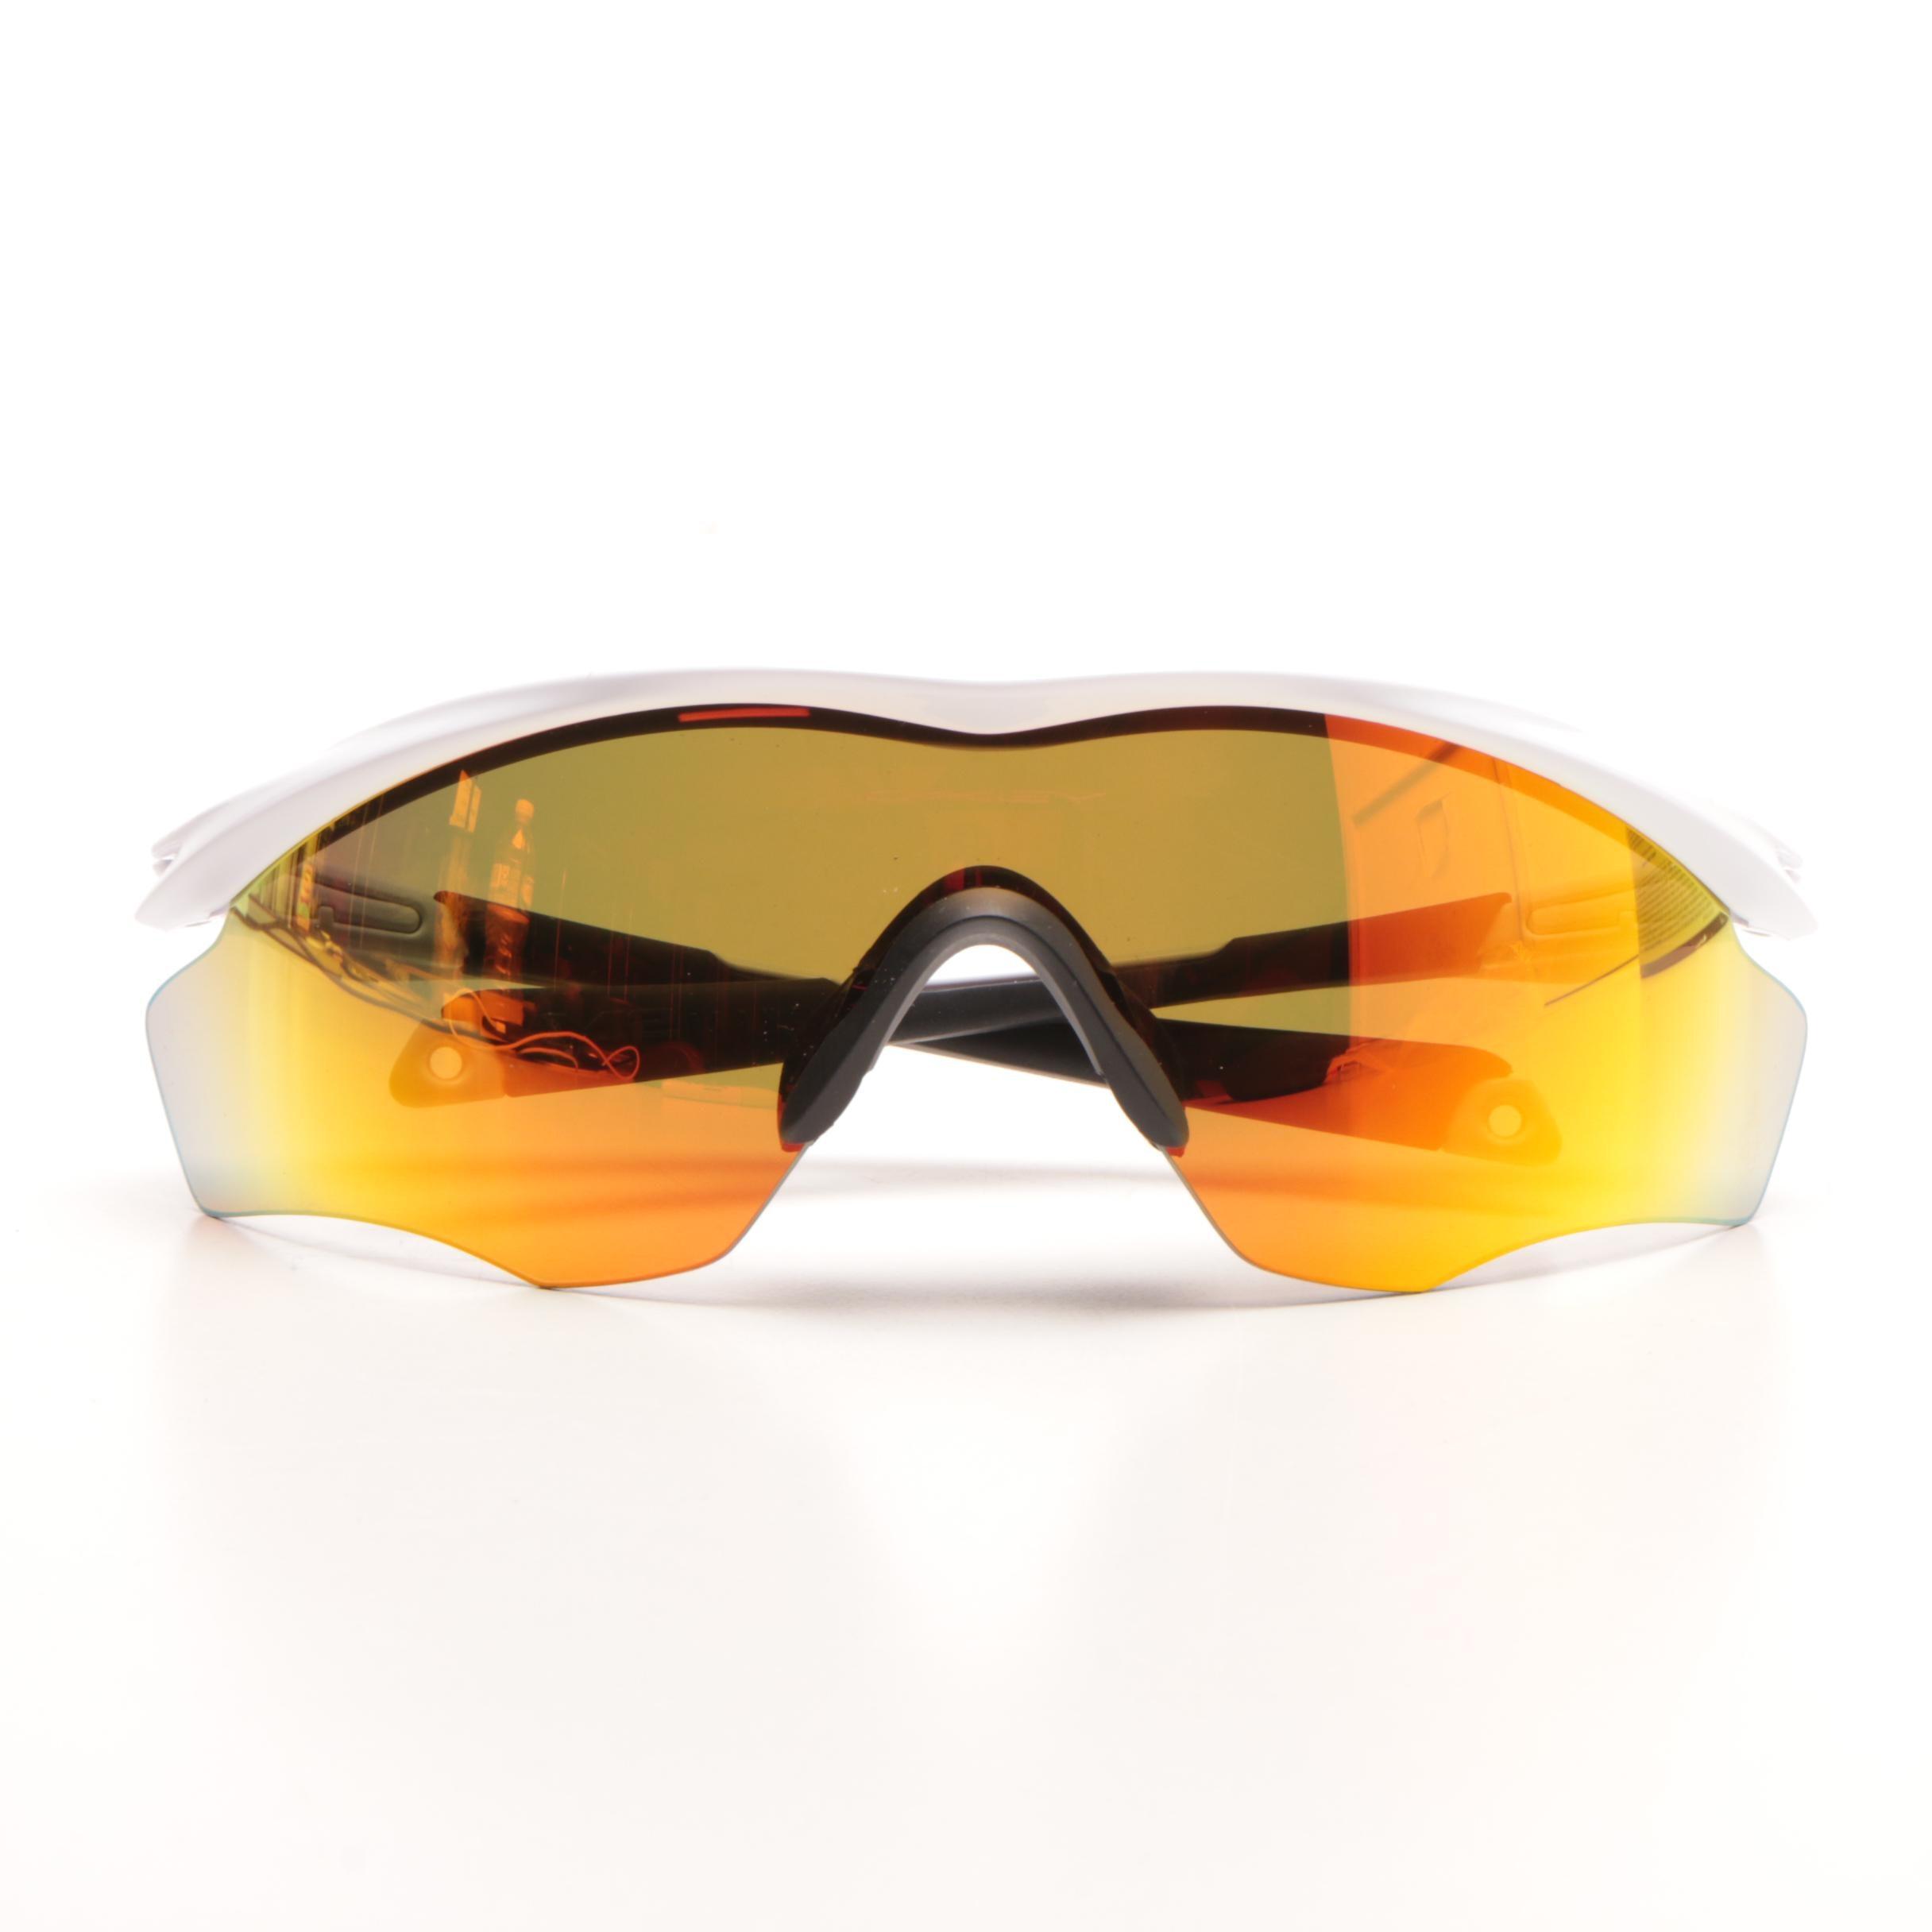 Men's Oakley Shield Sunglasses with Case